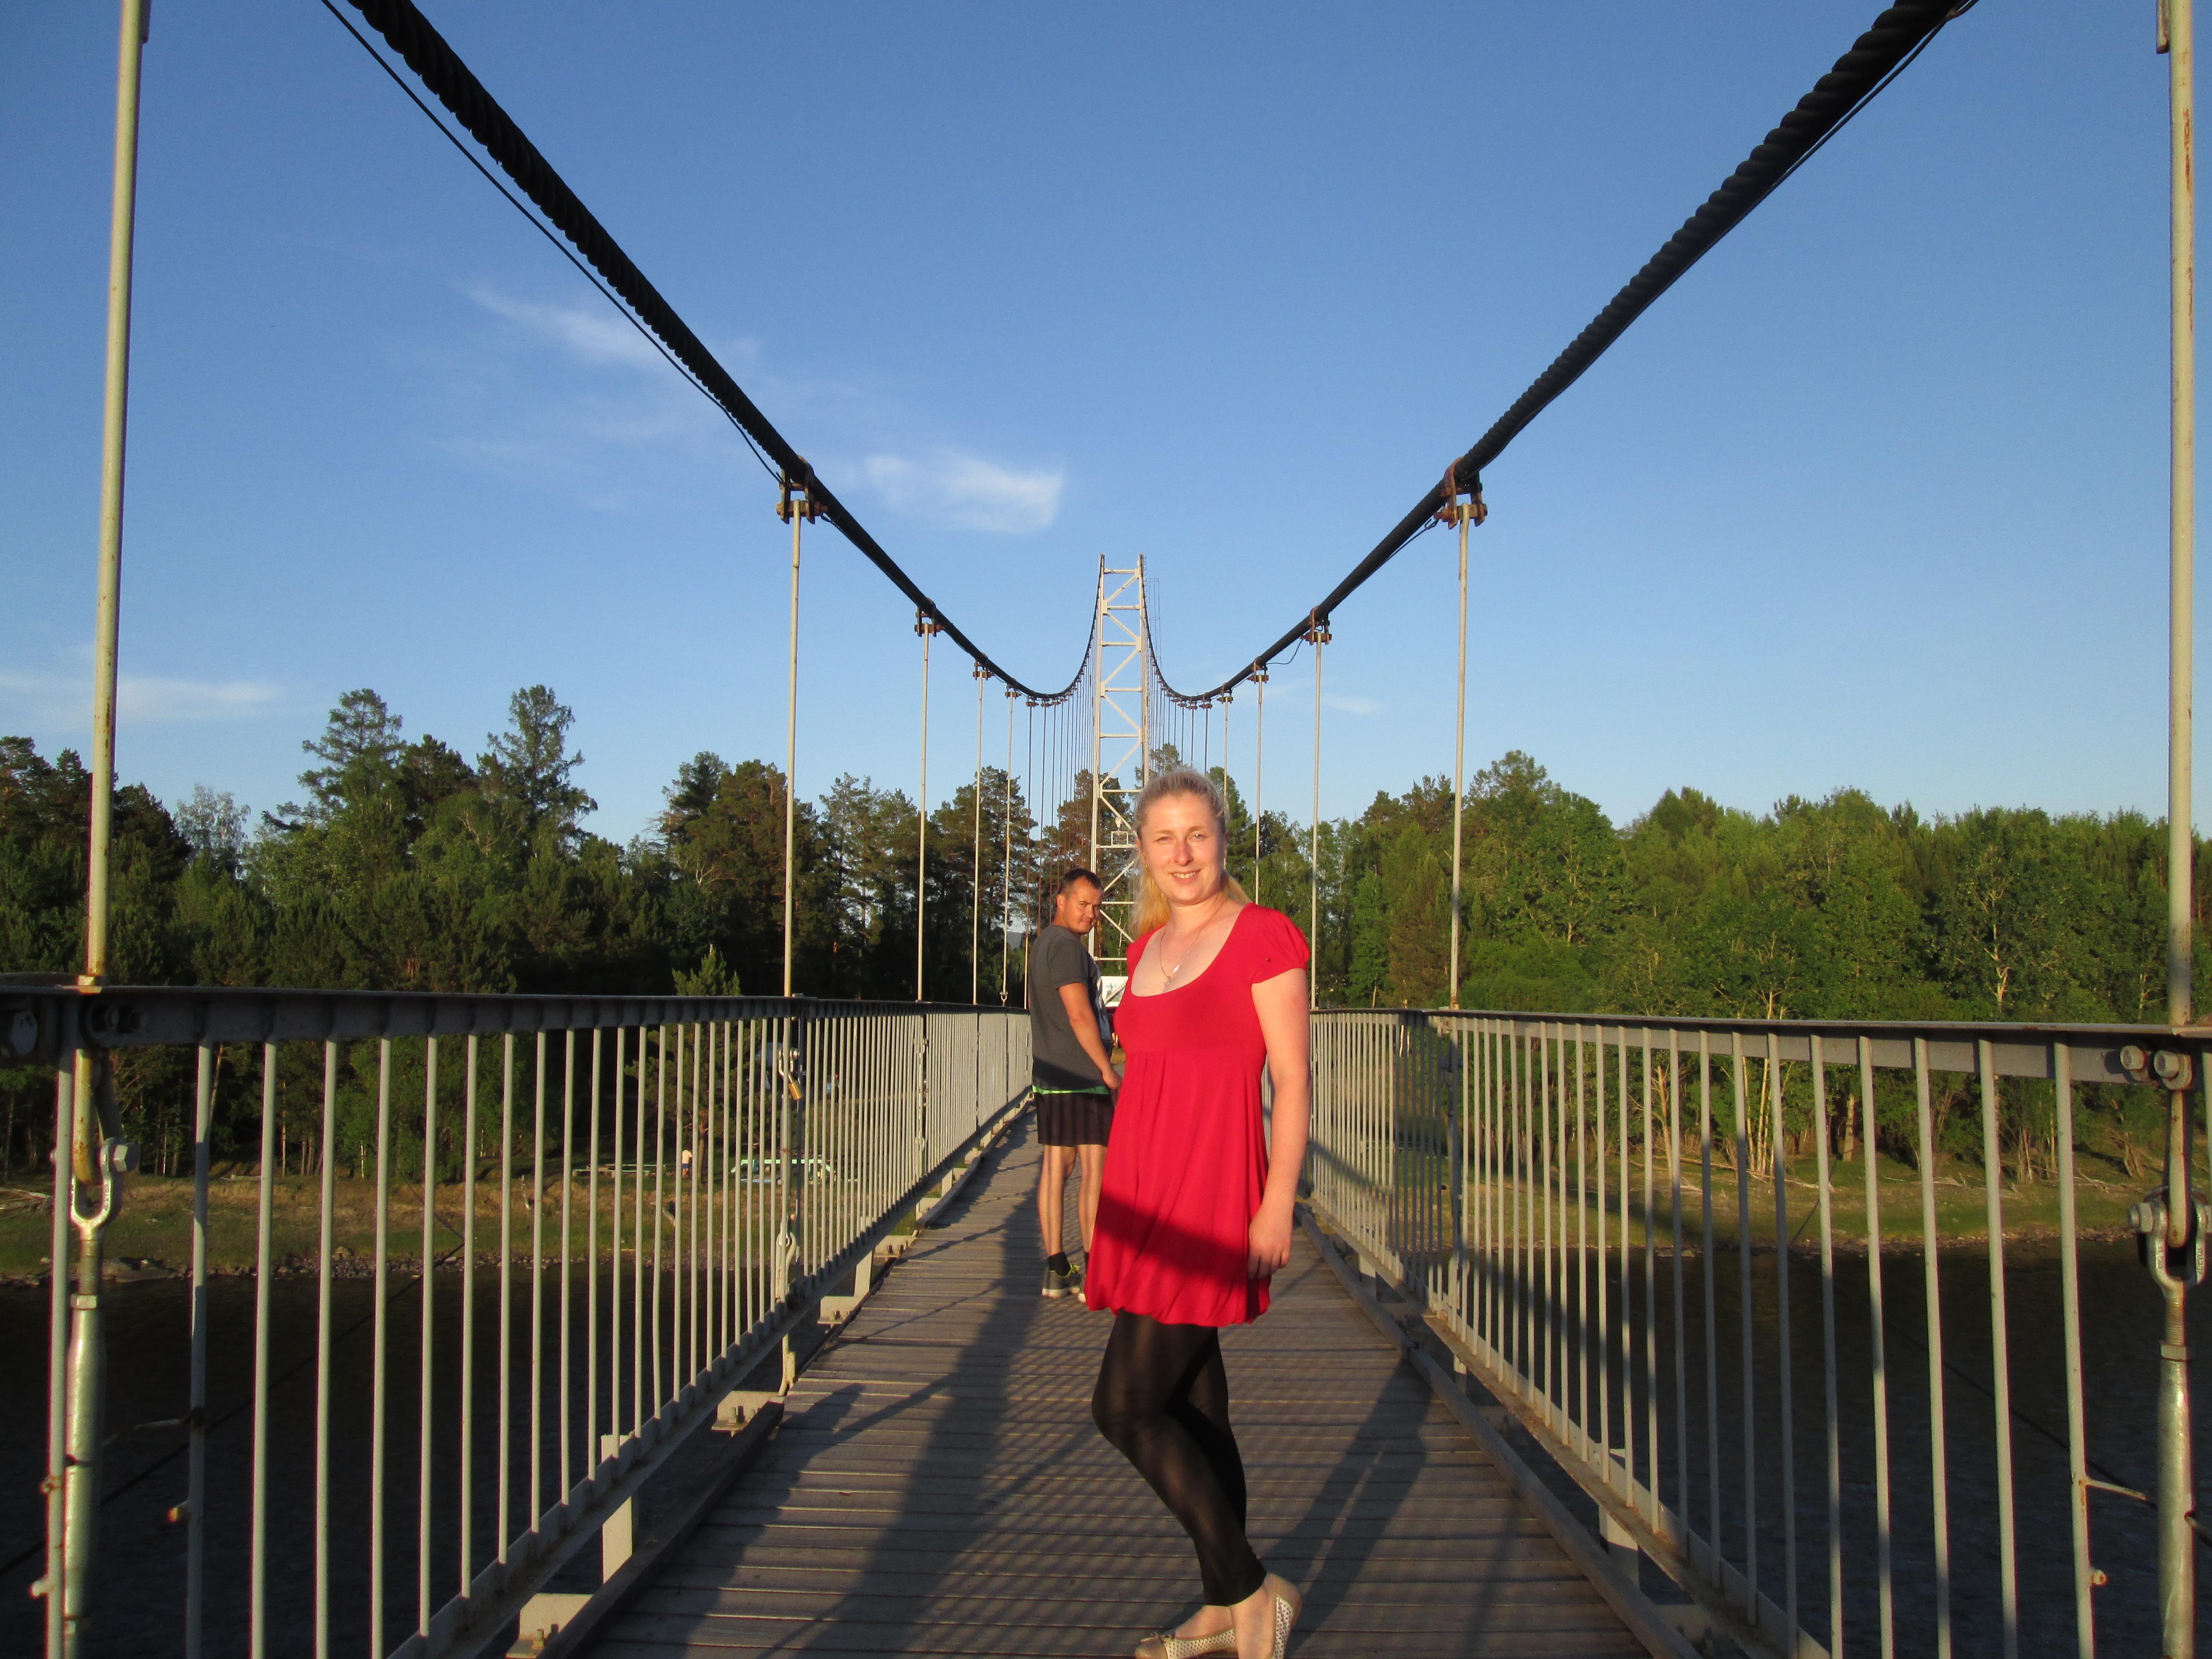 Село Шаманка (Шелеховский район)- пешеходный мост